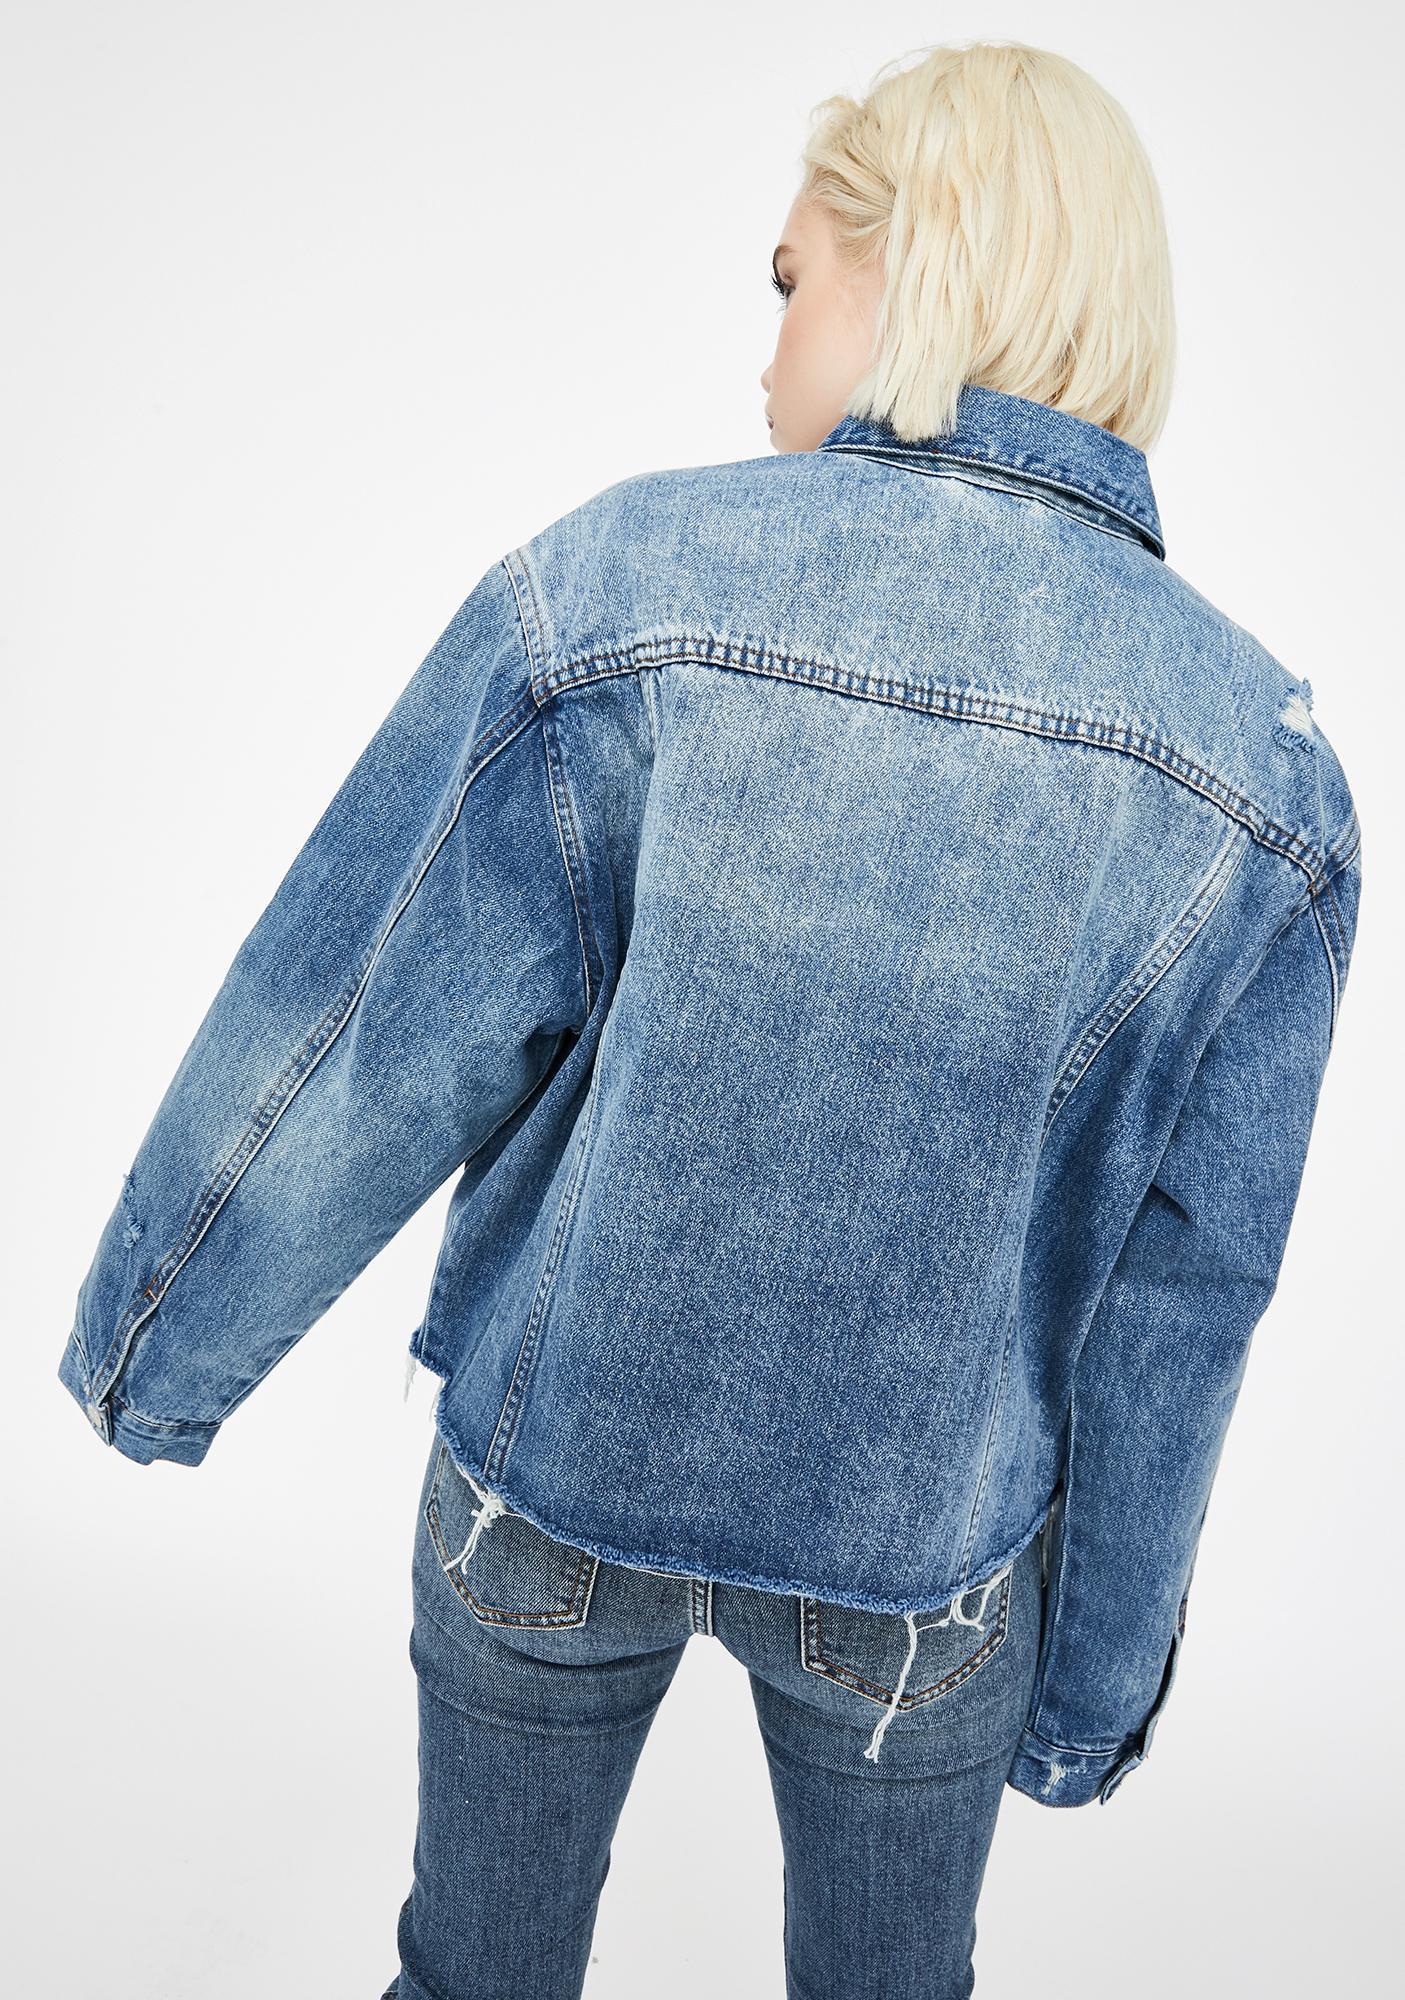 Daze Ex Boyfriend Distressed Denim Jacket